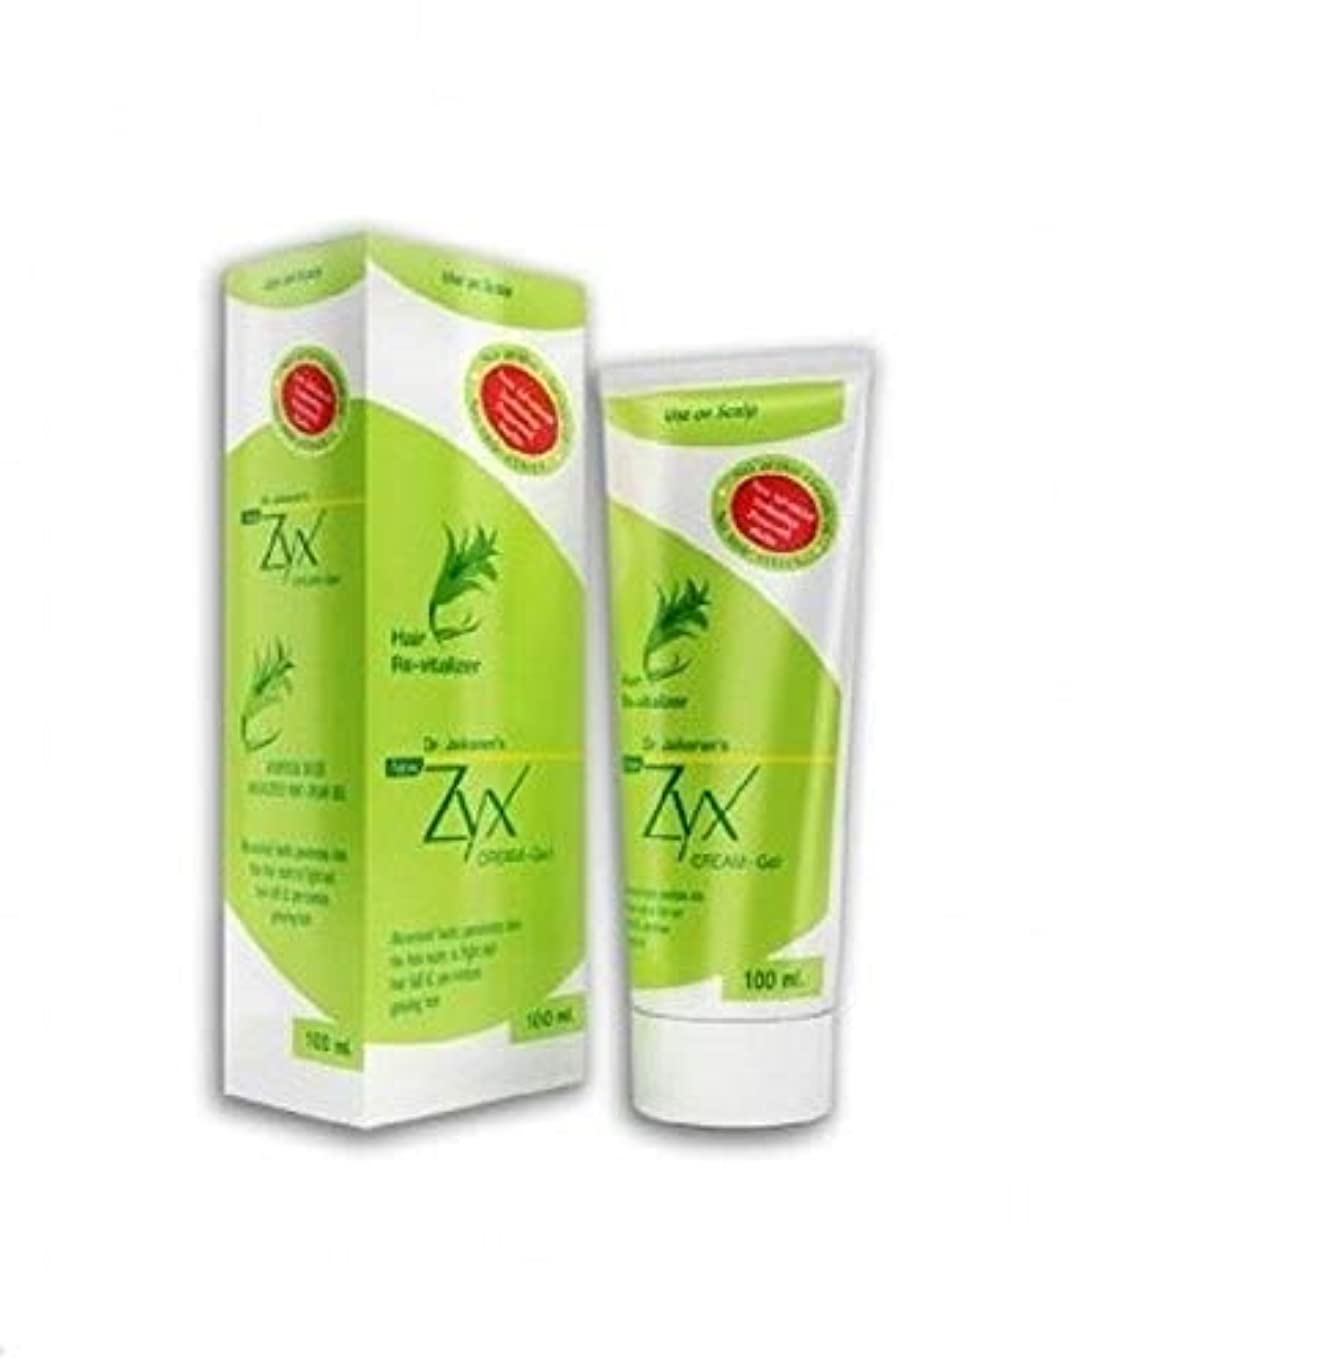 予想外名誉あるガチョウHair Cream Gel Zyx ヘアクリームジェル 100ml 100% Natural for prevention of Hair related problems 髪の毛の問題を予防するための100%ナチュラル